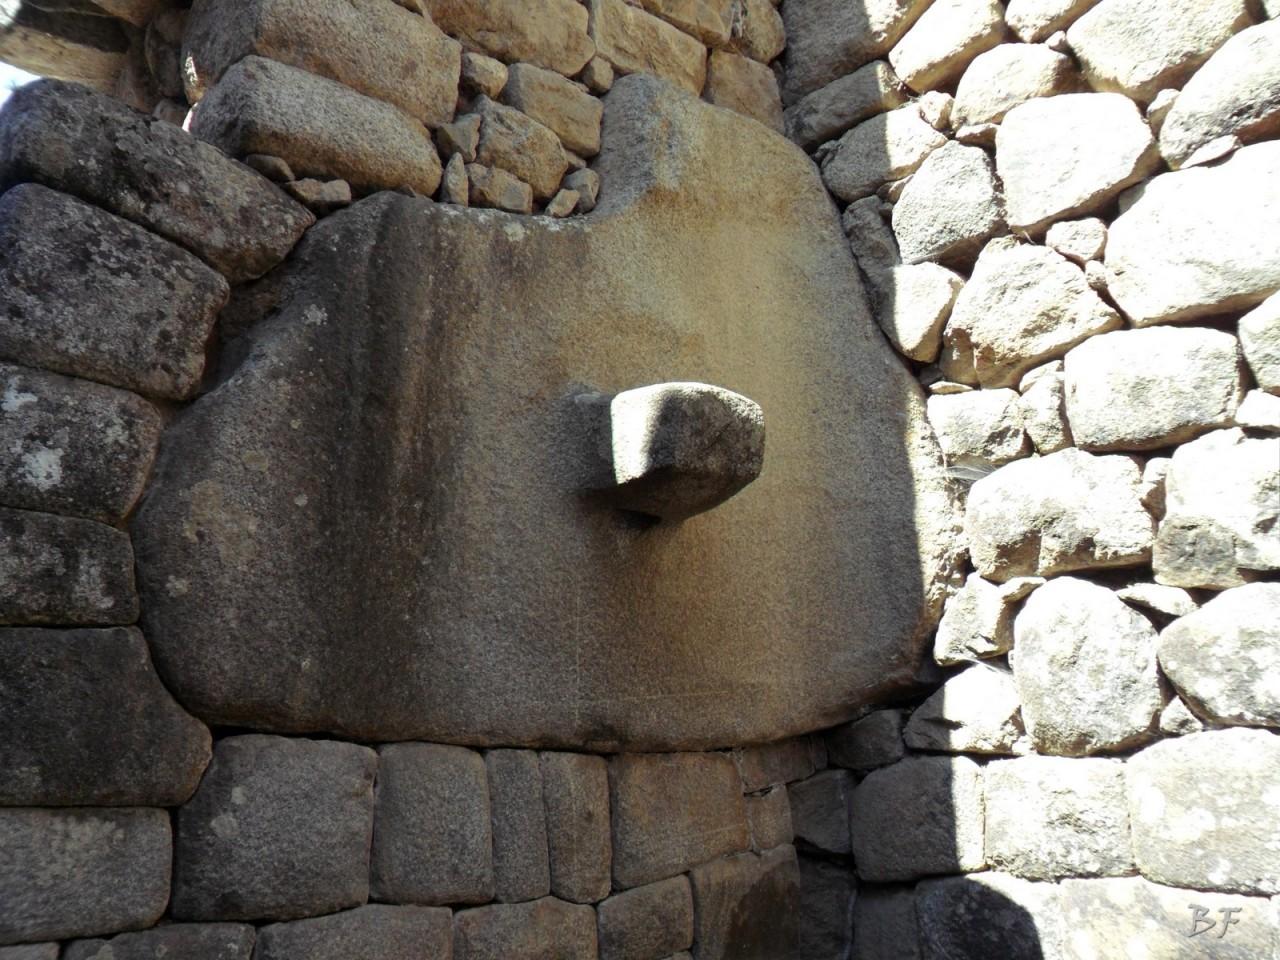 Mura-Poligonali-Incisioni-Altari-Edifici-Rupestri-Megaliti-Machu-Picchu-Aguas-Calientes-Urubamba-Cusco-Perù-32